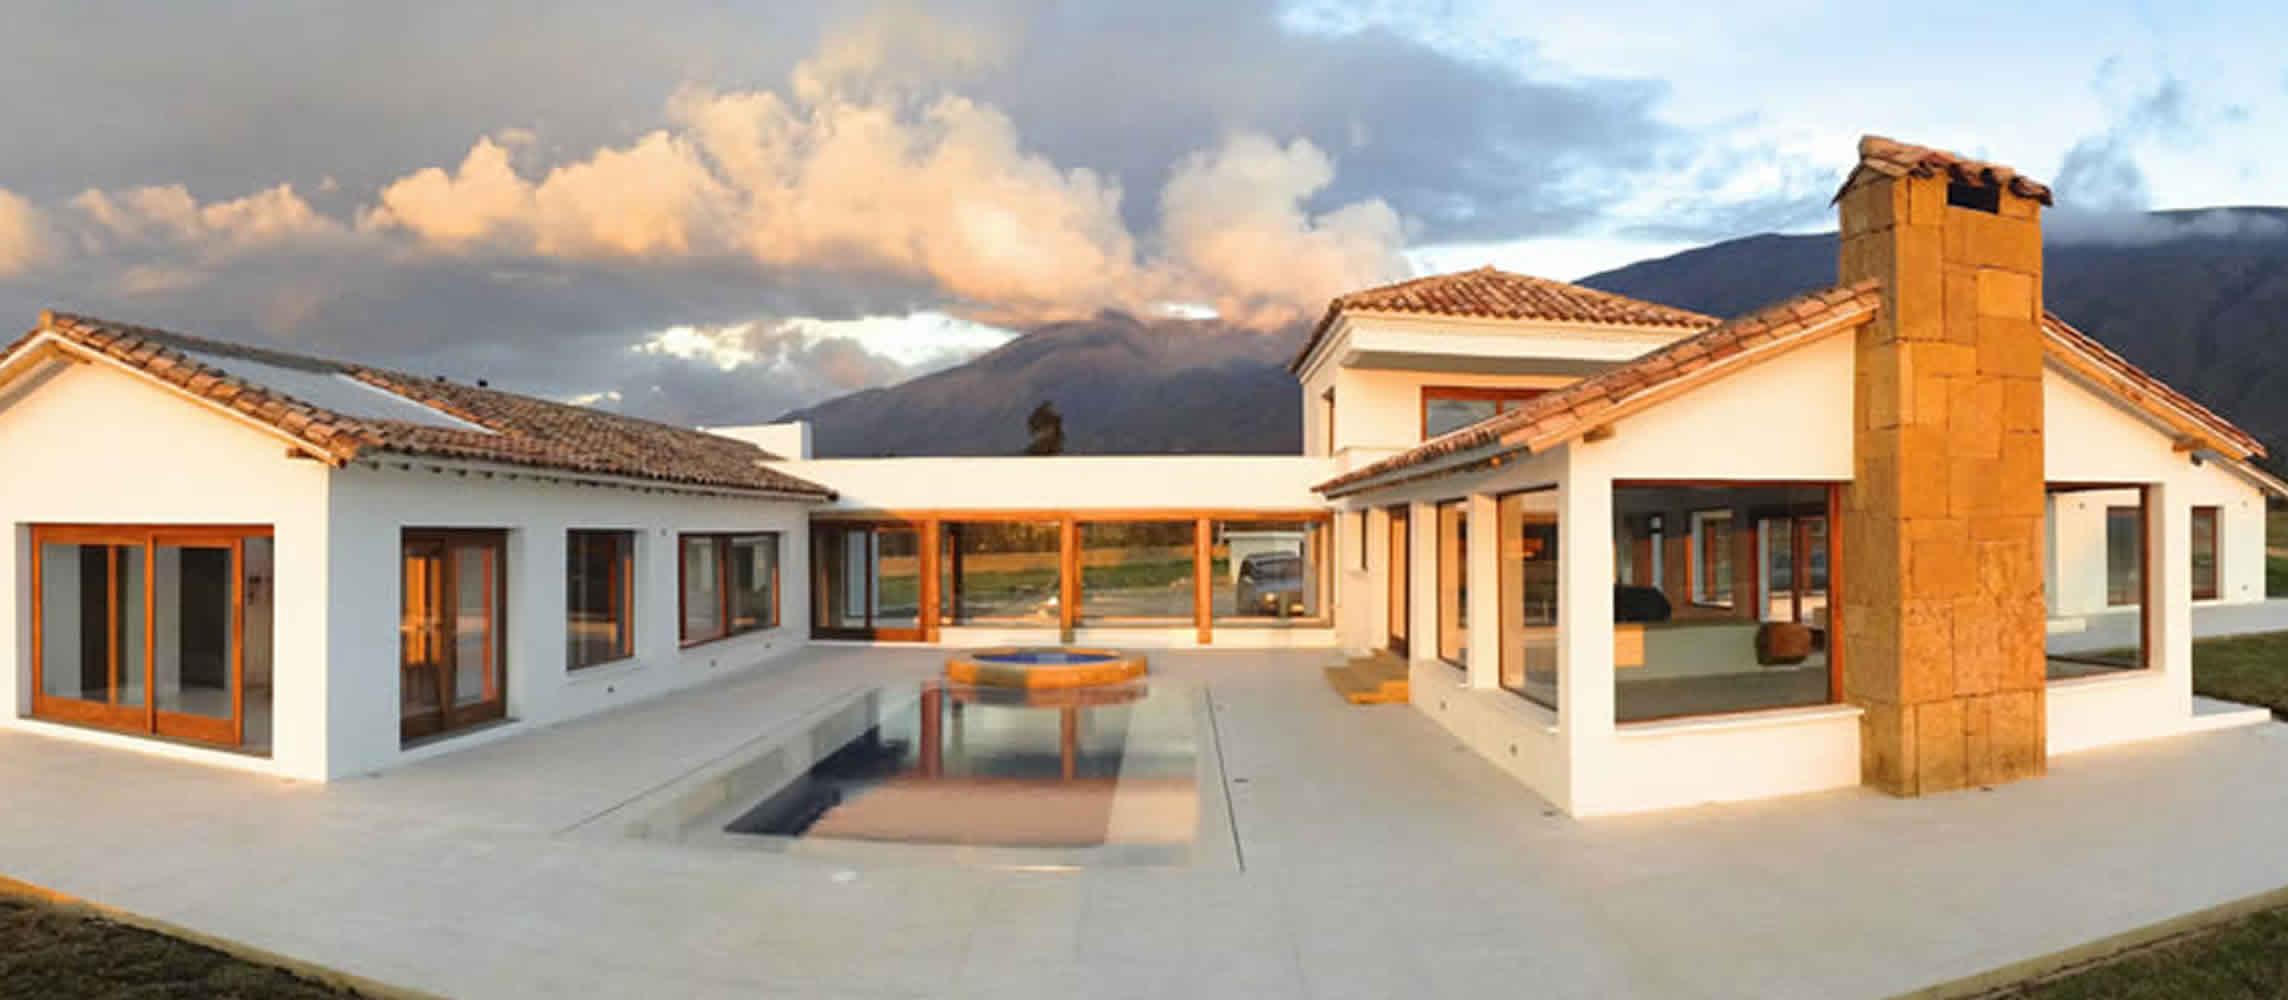 Casa Hipodromo en Villa de Leyva - Arquitecto Pedro Carvajal